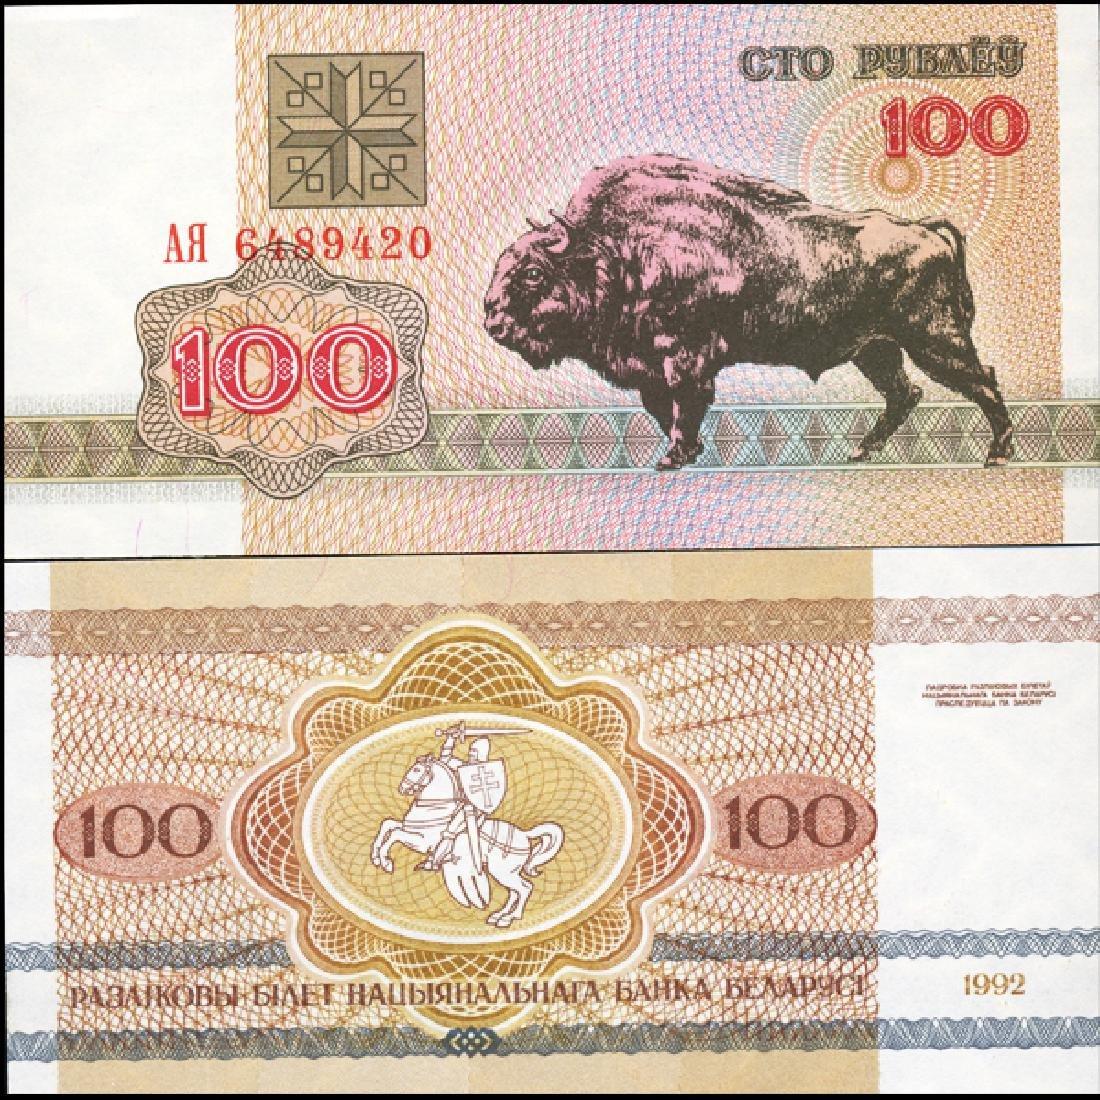 1992 Belarus 100 Rubeli Note GEM Crisp Unc